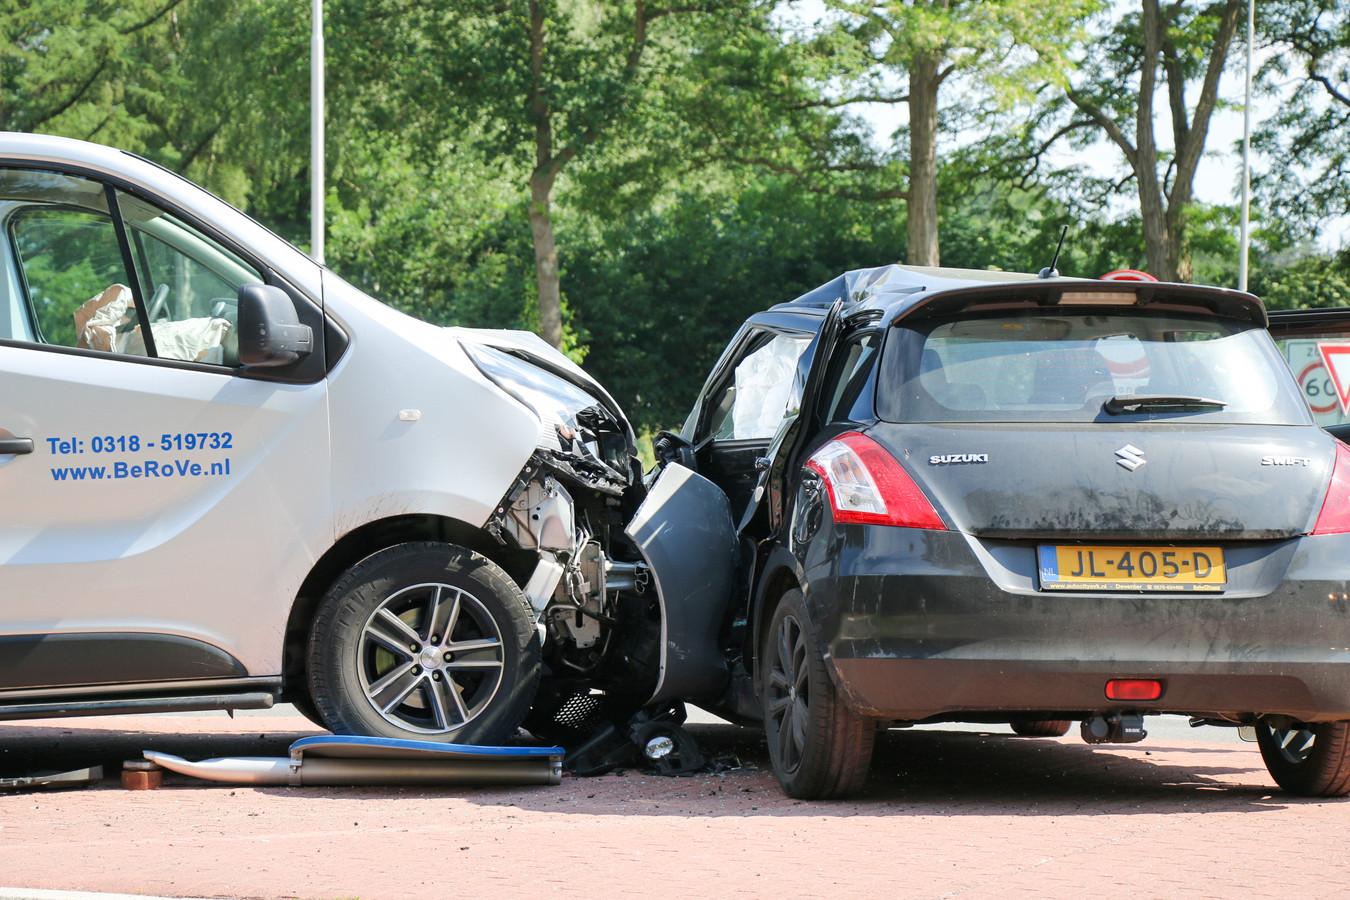 De schade na een stevige botsing op het kruispunt een week geleden.